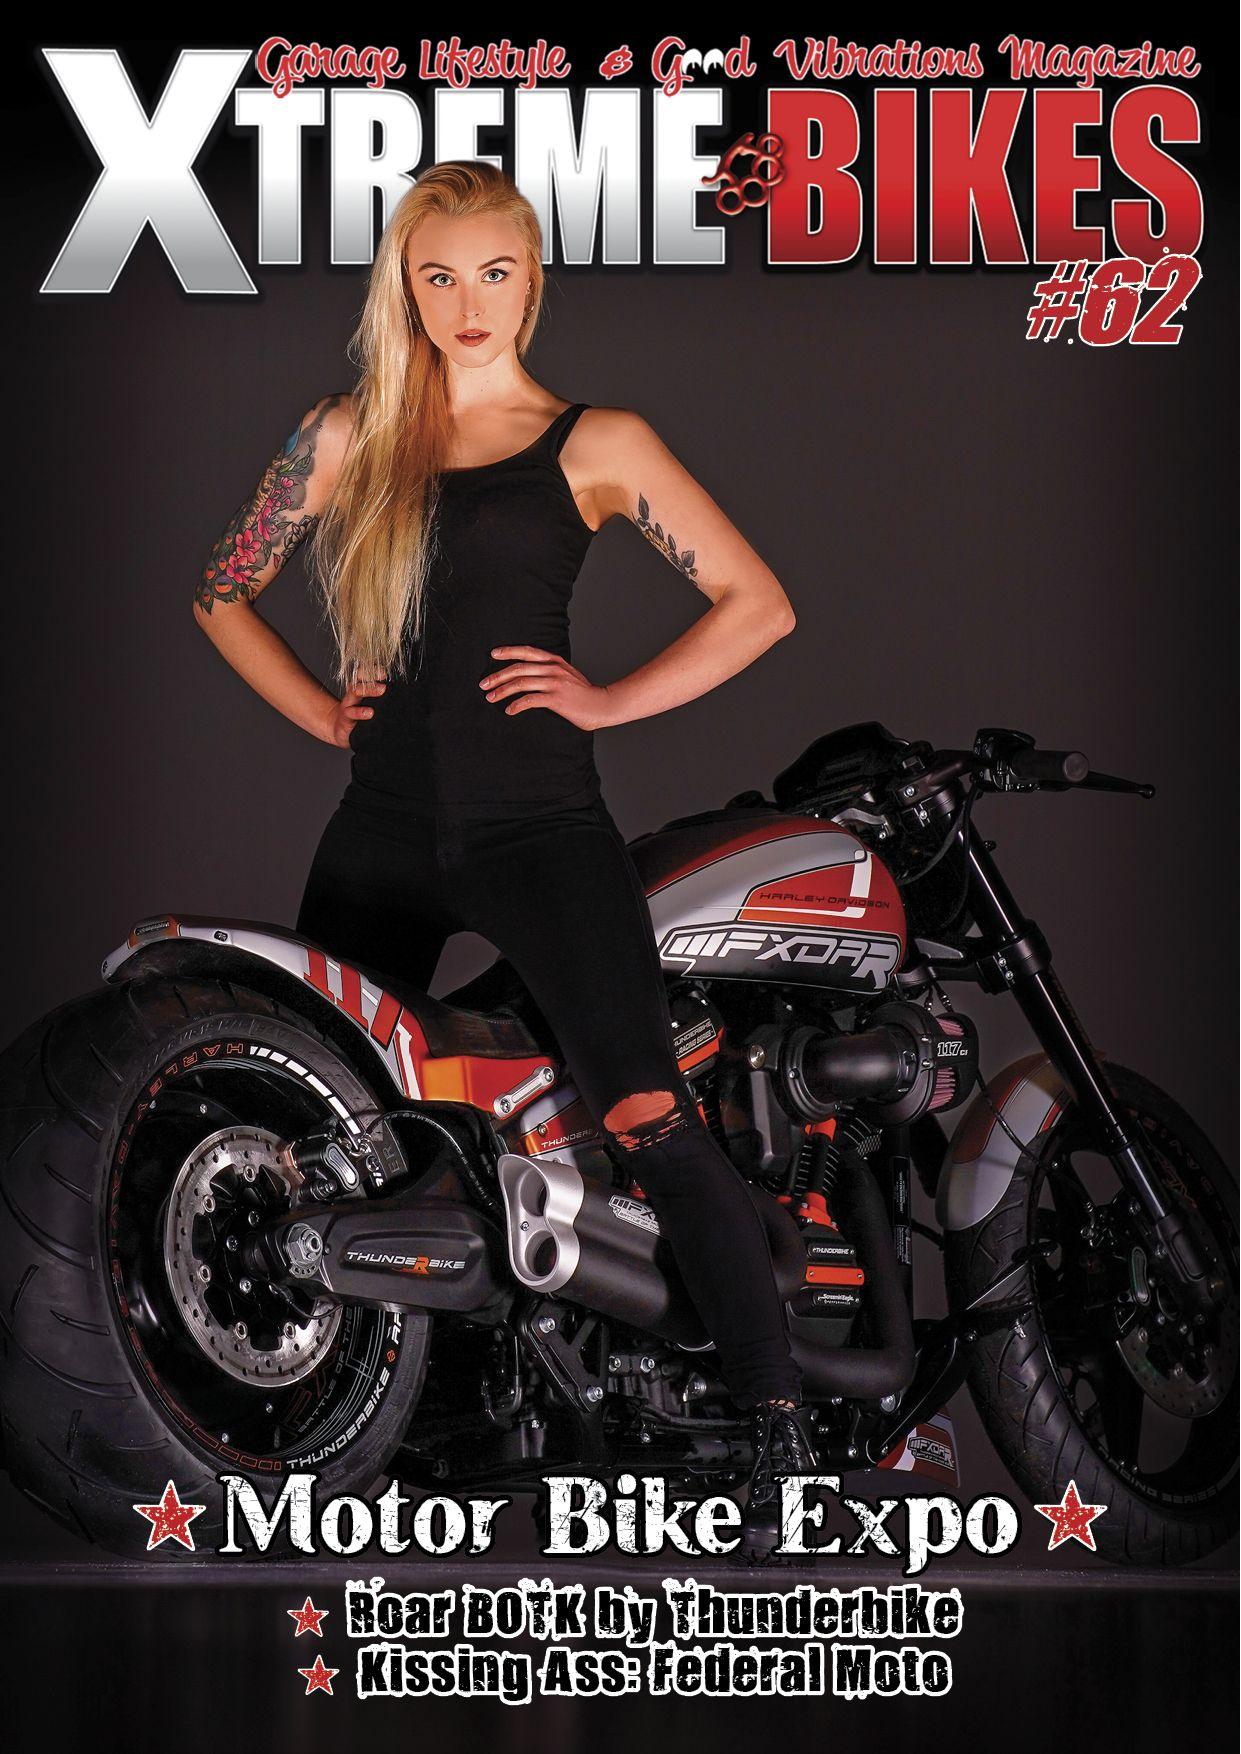 Xtreme Bikes #62